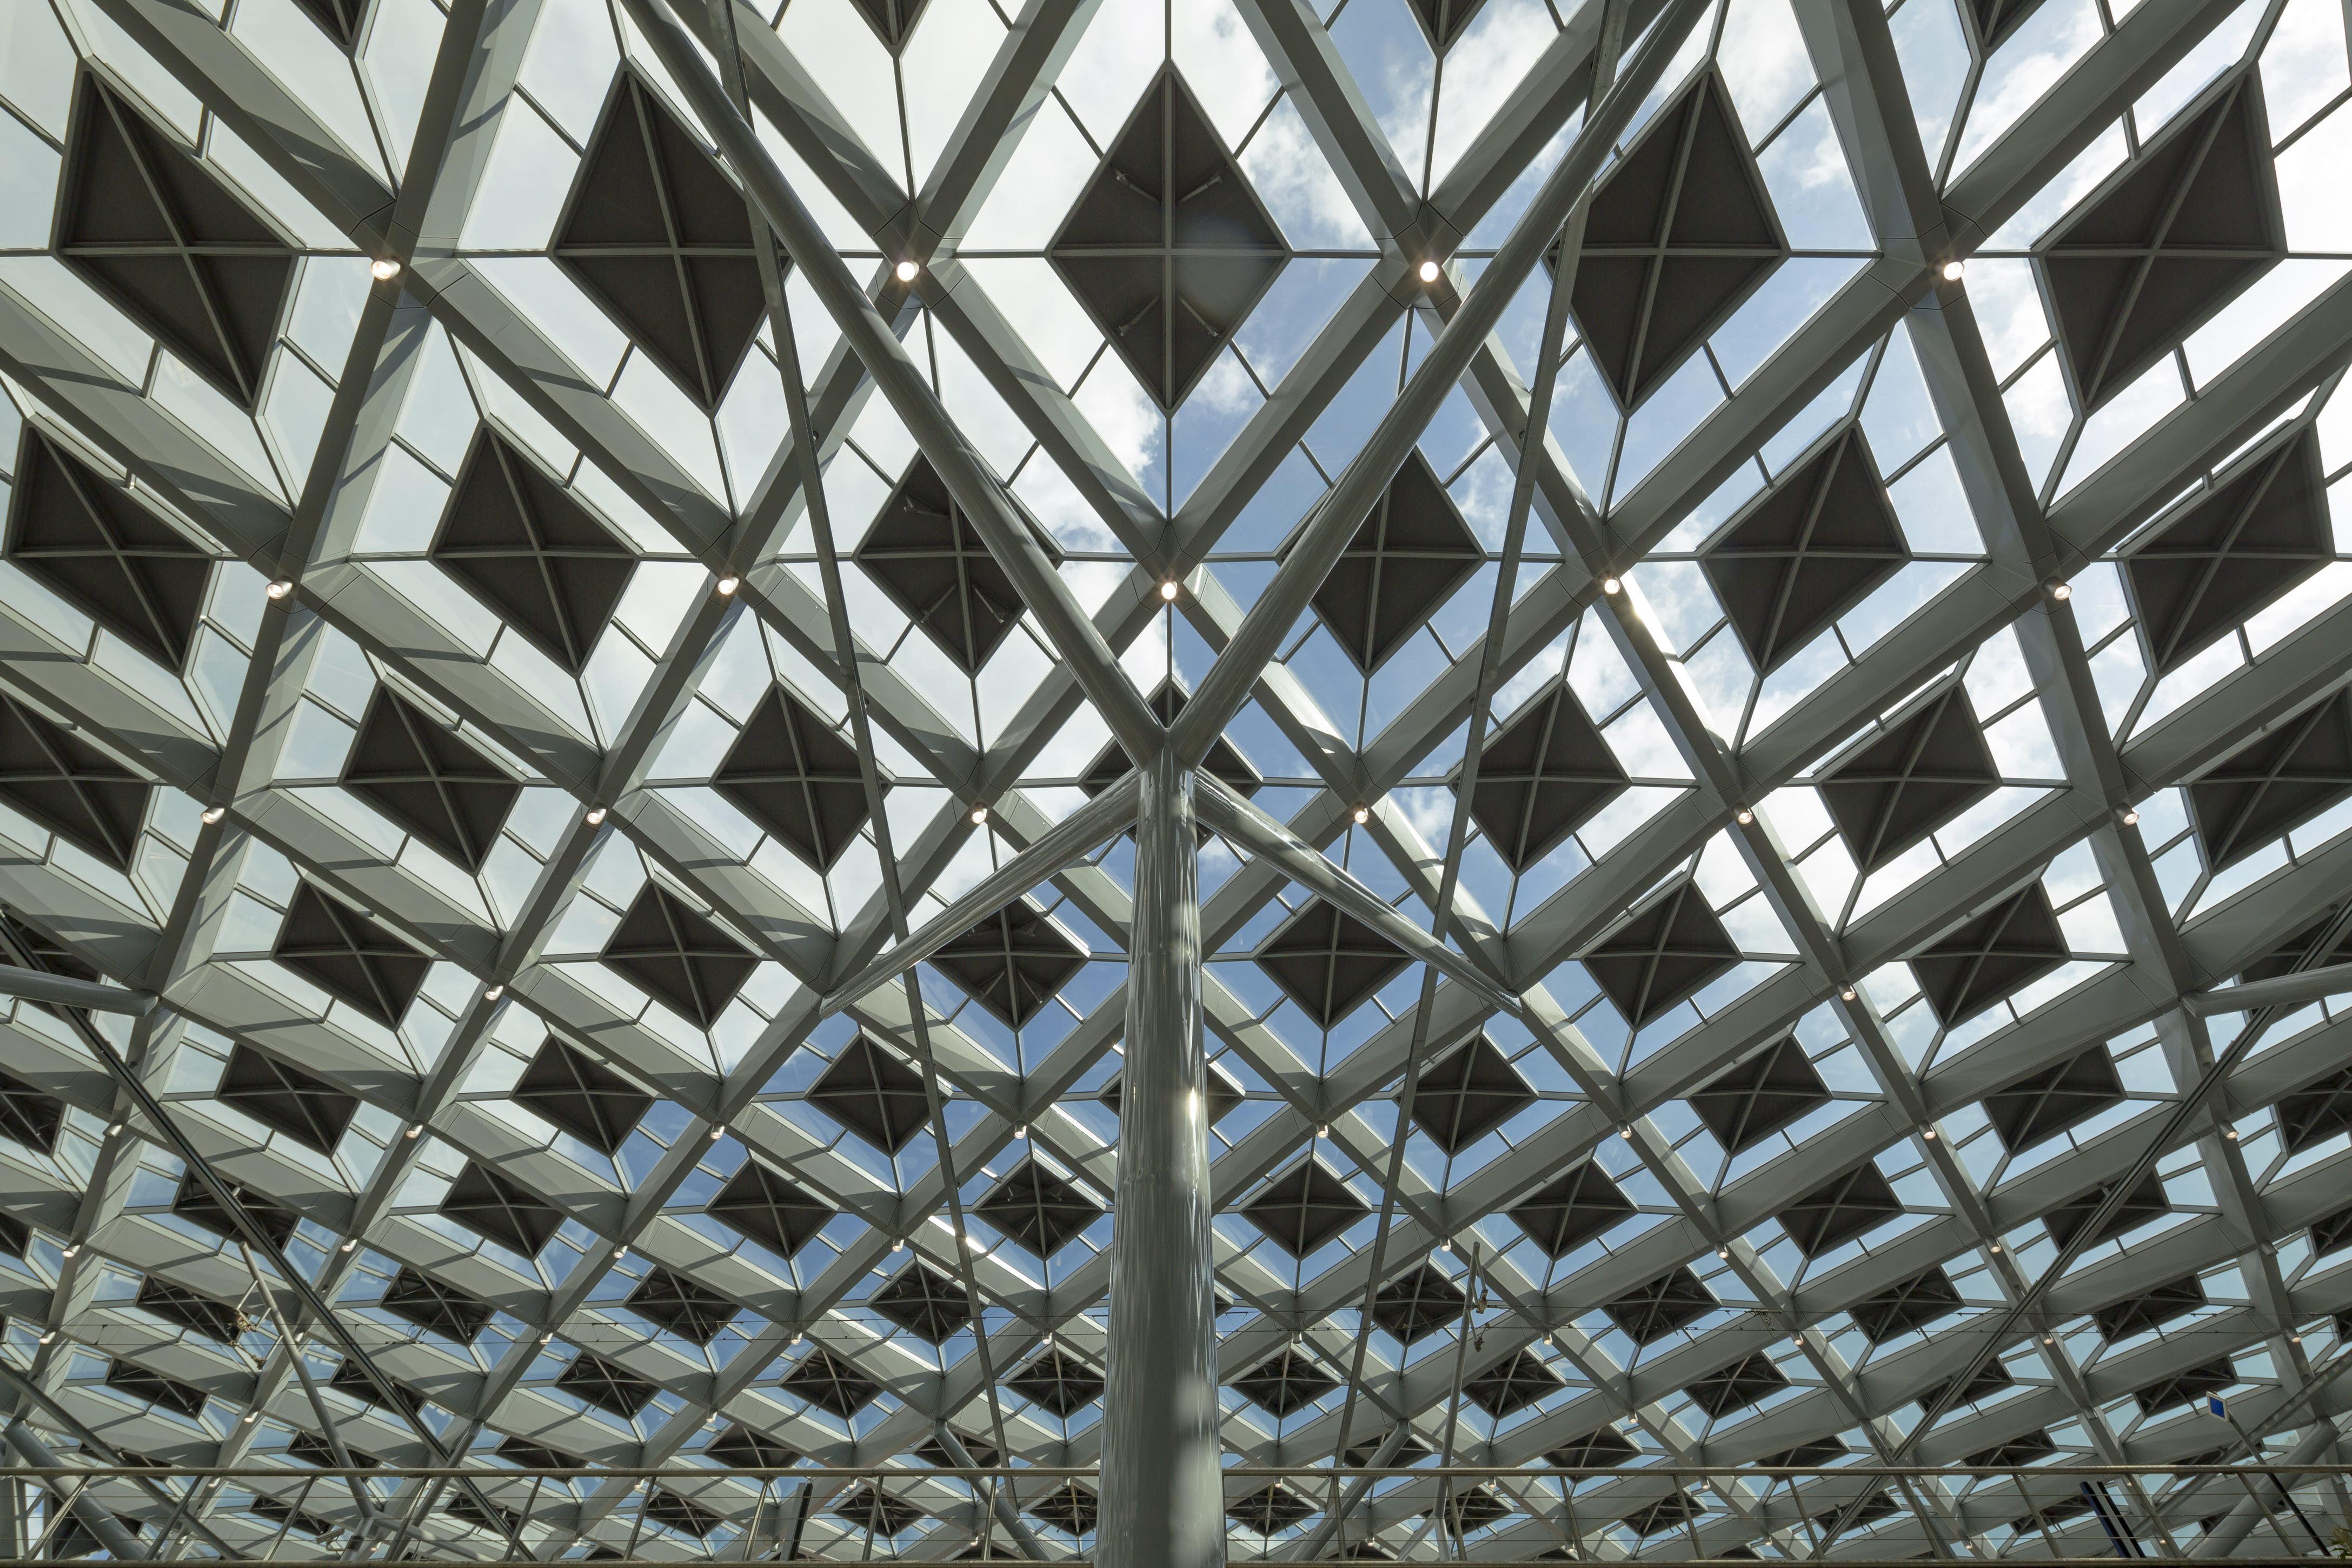 〔안정원의 건축 칼럼〕마름모꼴의 기능성 지붕을 머금고 있는 도시 광장 2